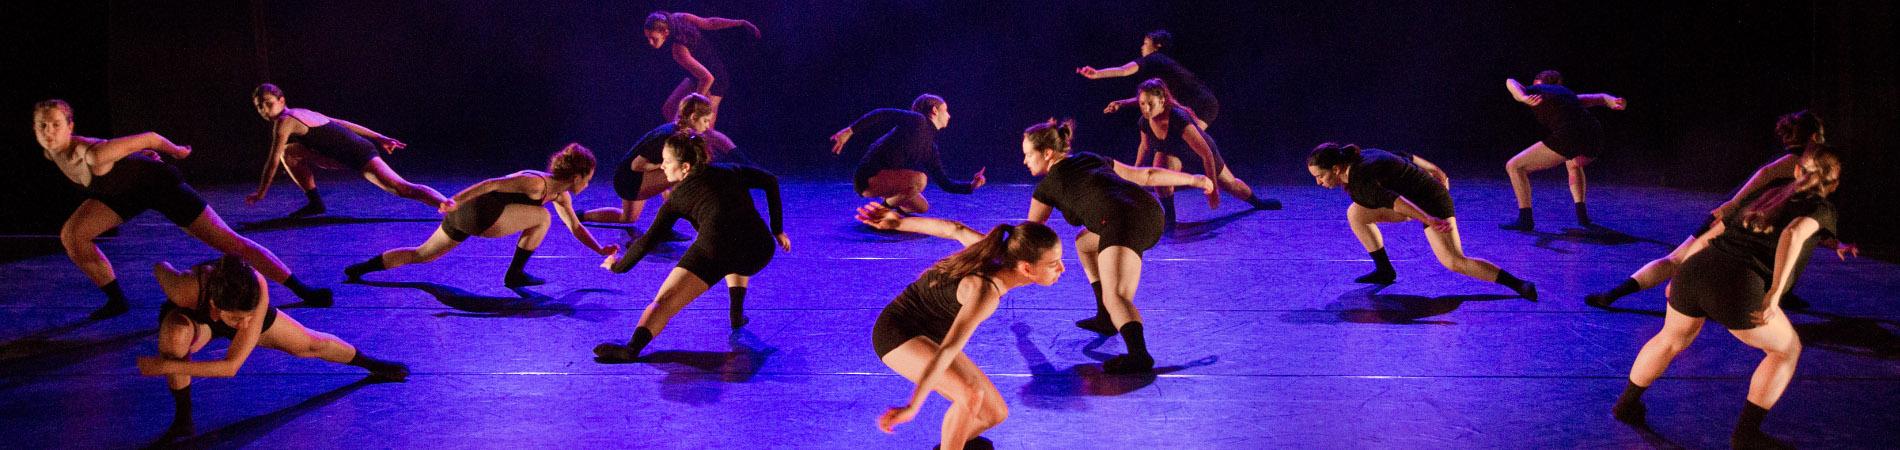 לימודי תואר שני במחול M.Dance